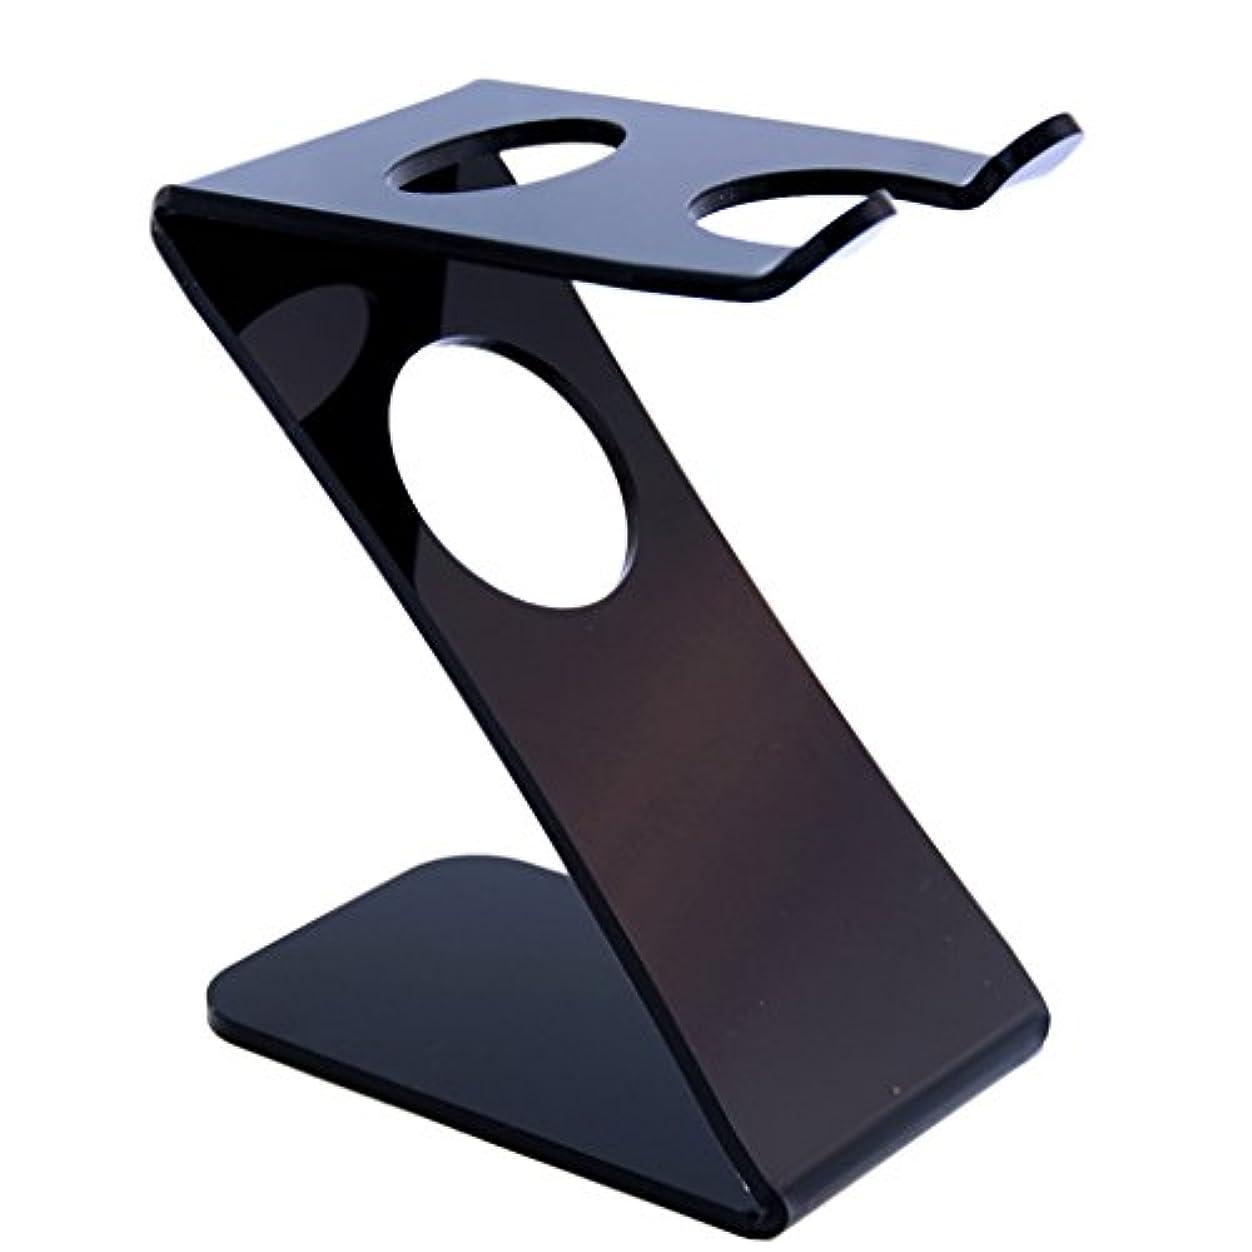 アルカイック非互換フェミニンKesoto プラスチック シェービングブラシ用 髭剃り ホルダー スタンド ブラック 清潔 乾く安い